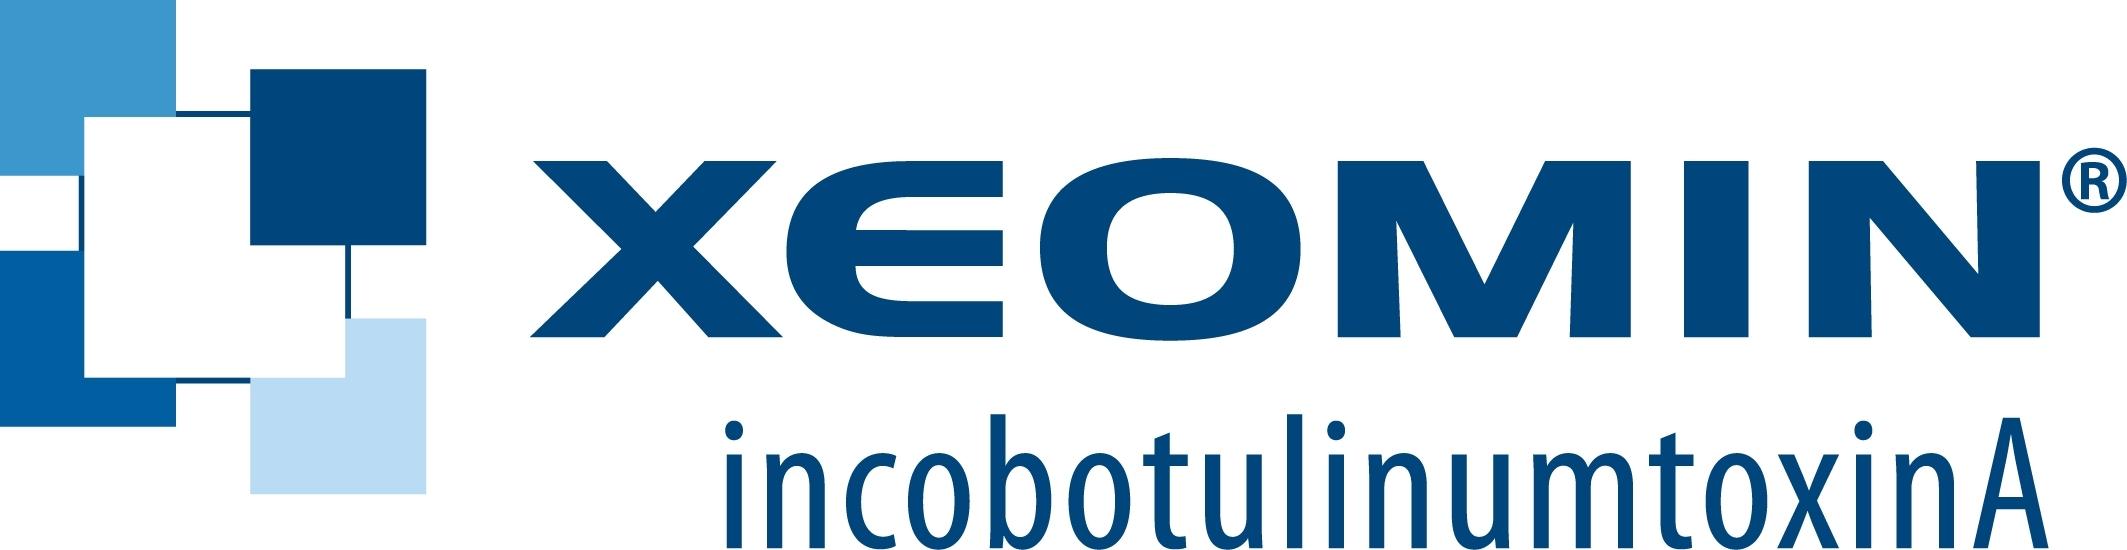 Incobotulinumtoxina